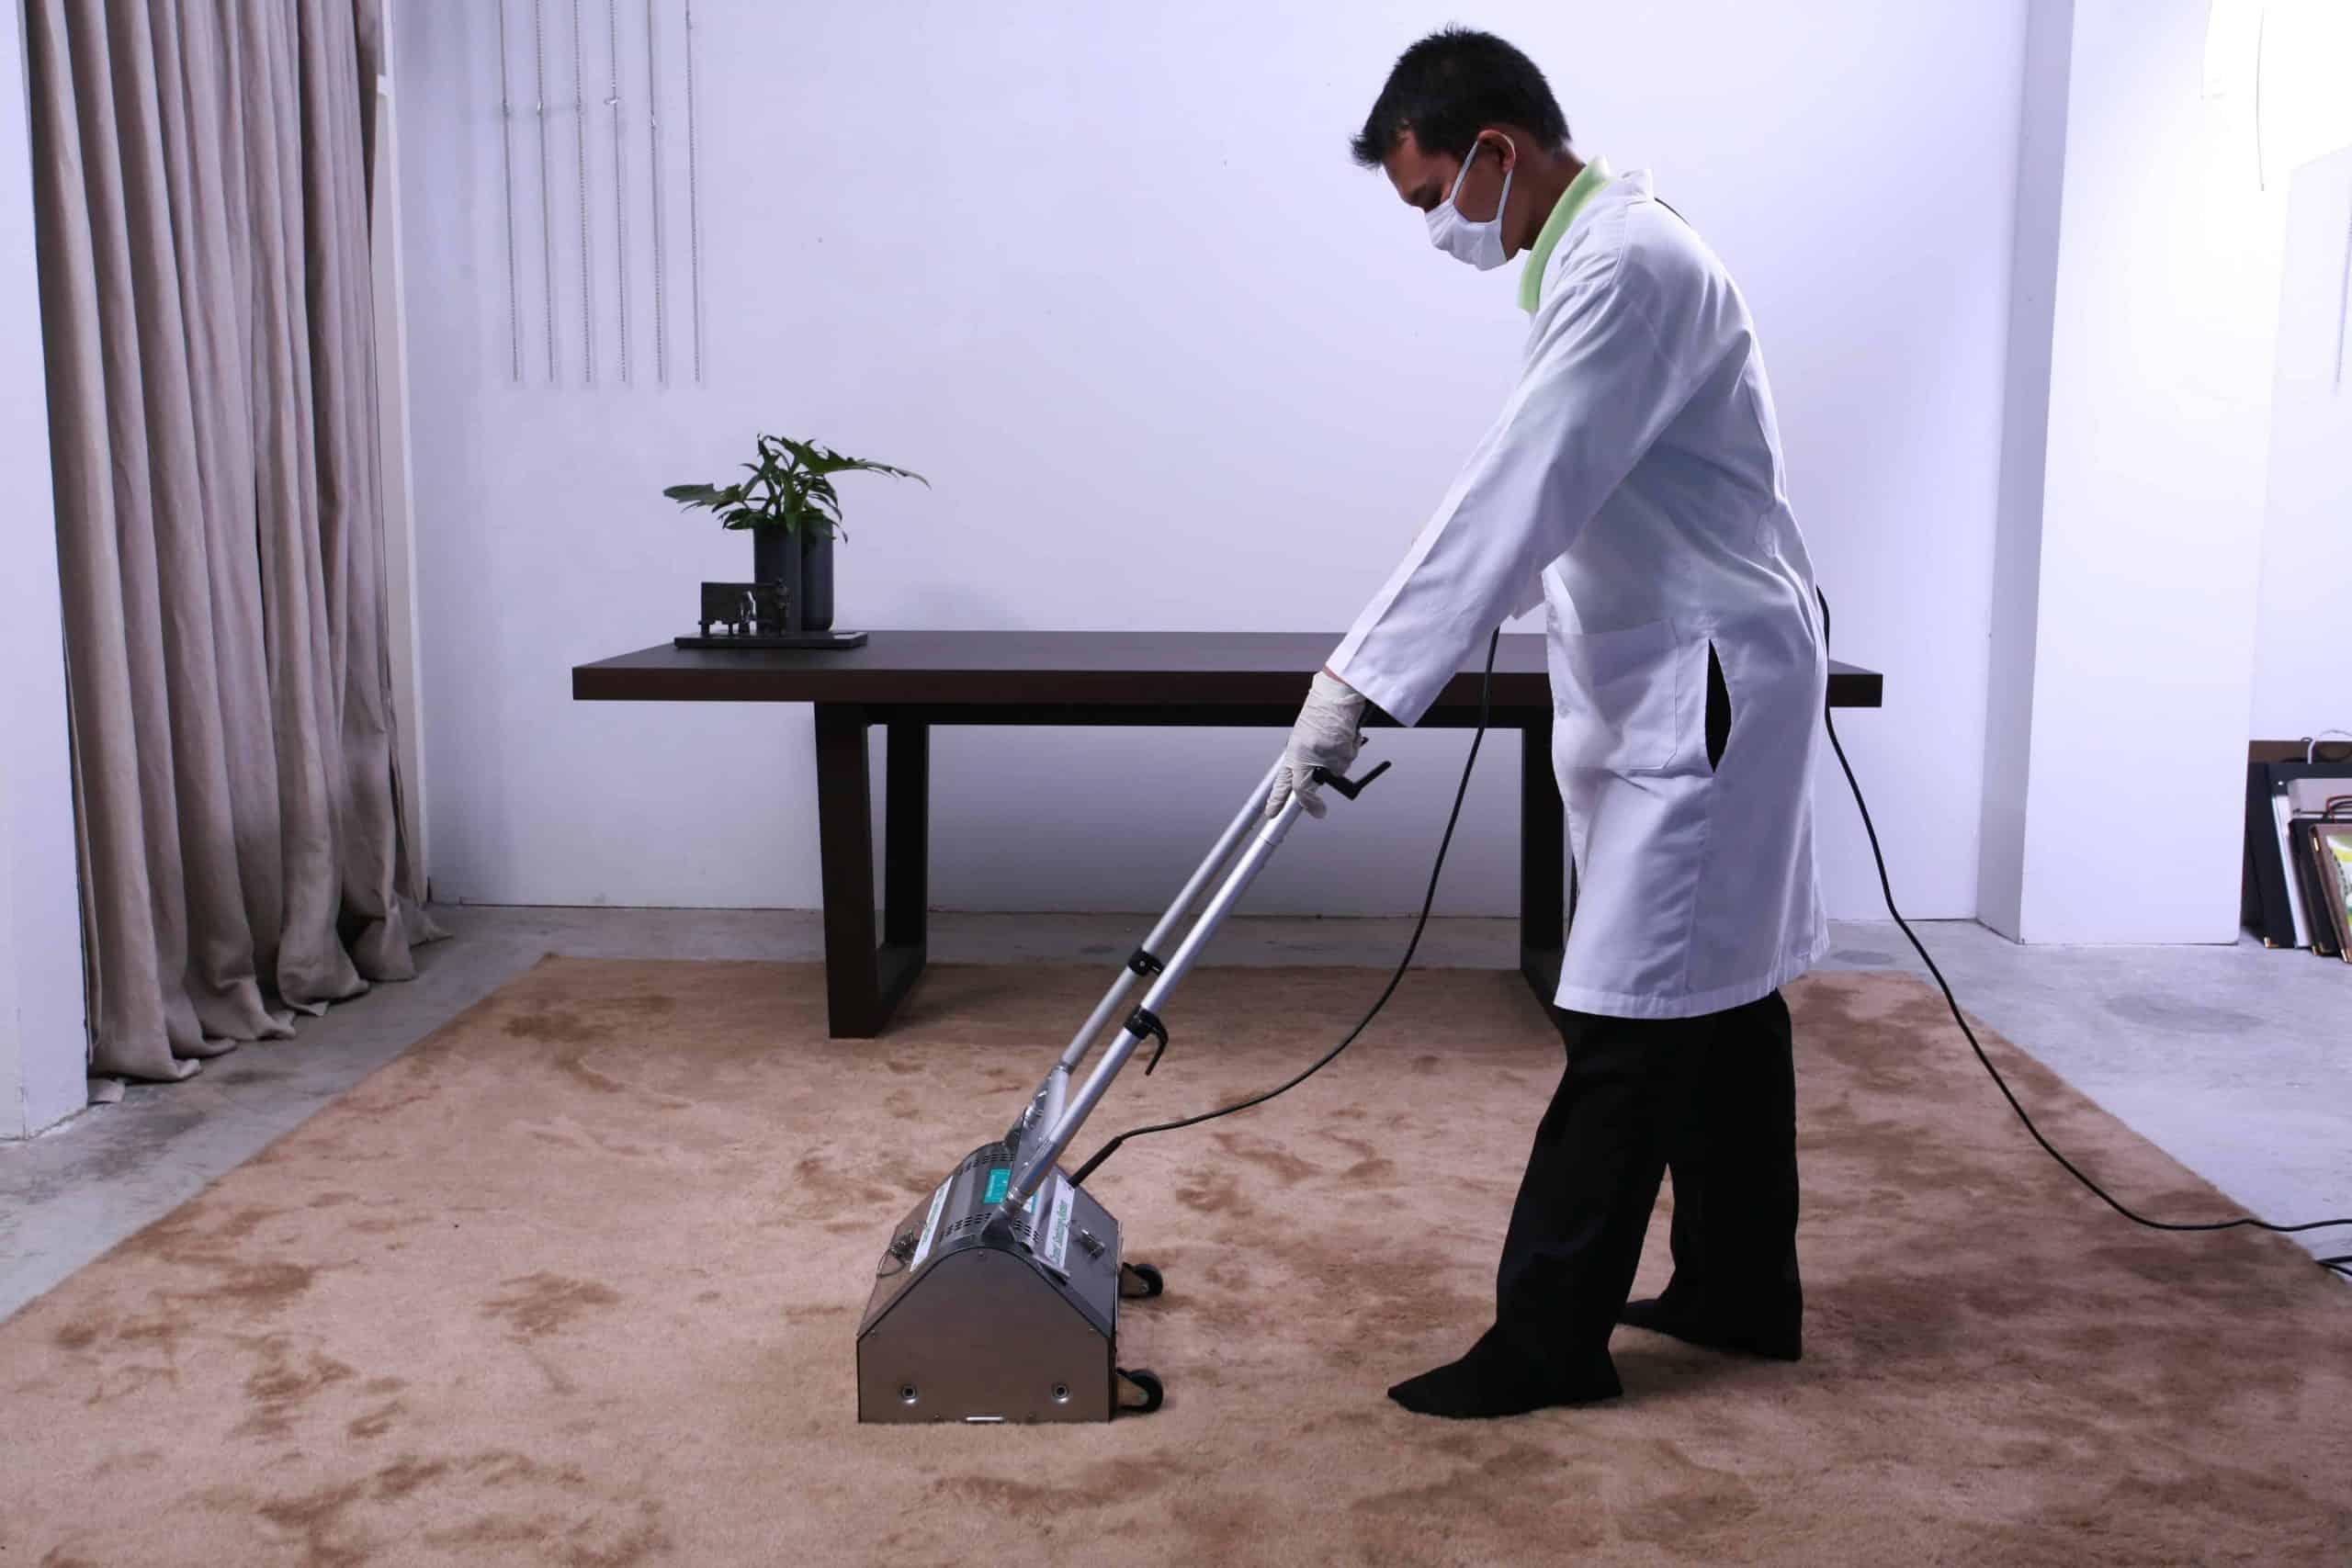 ทำความสะอาดพรม